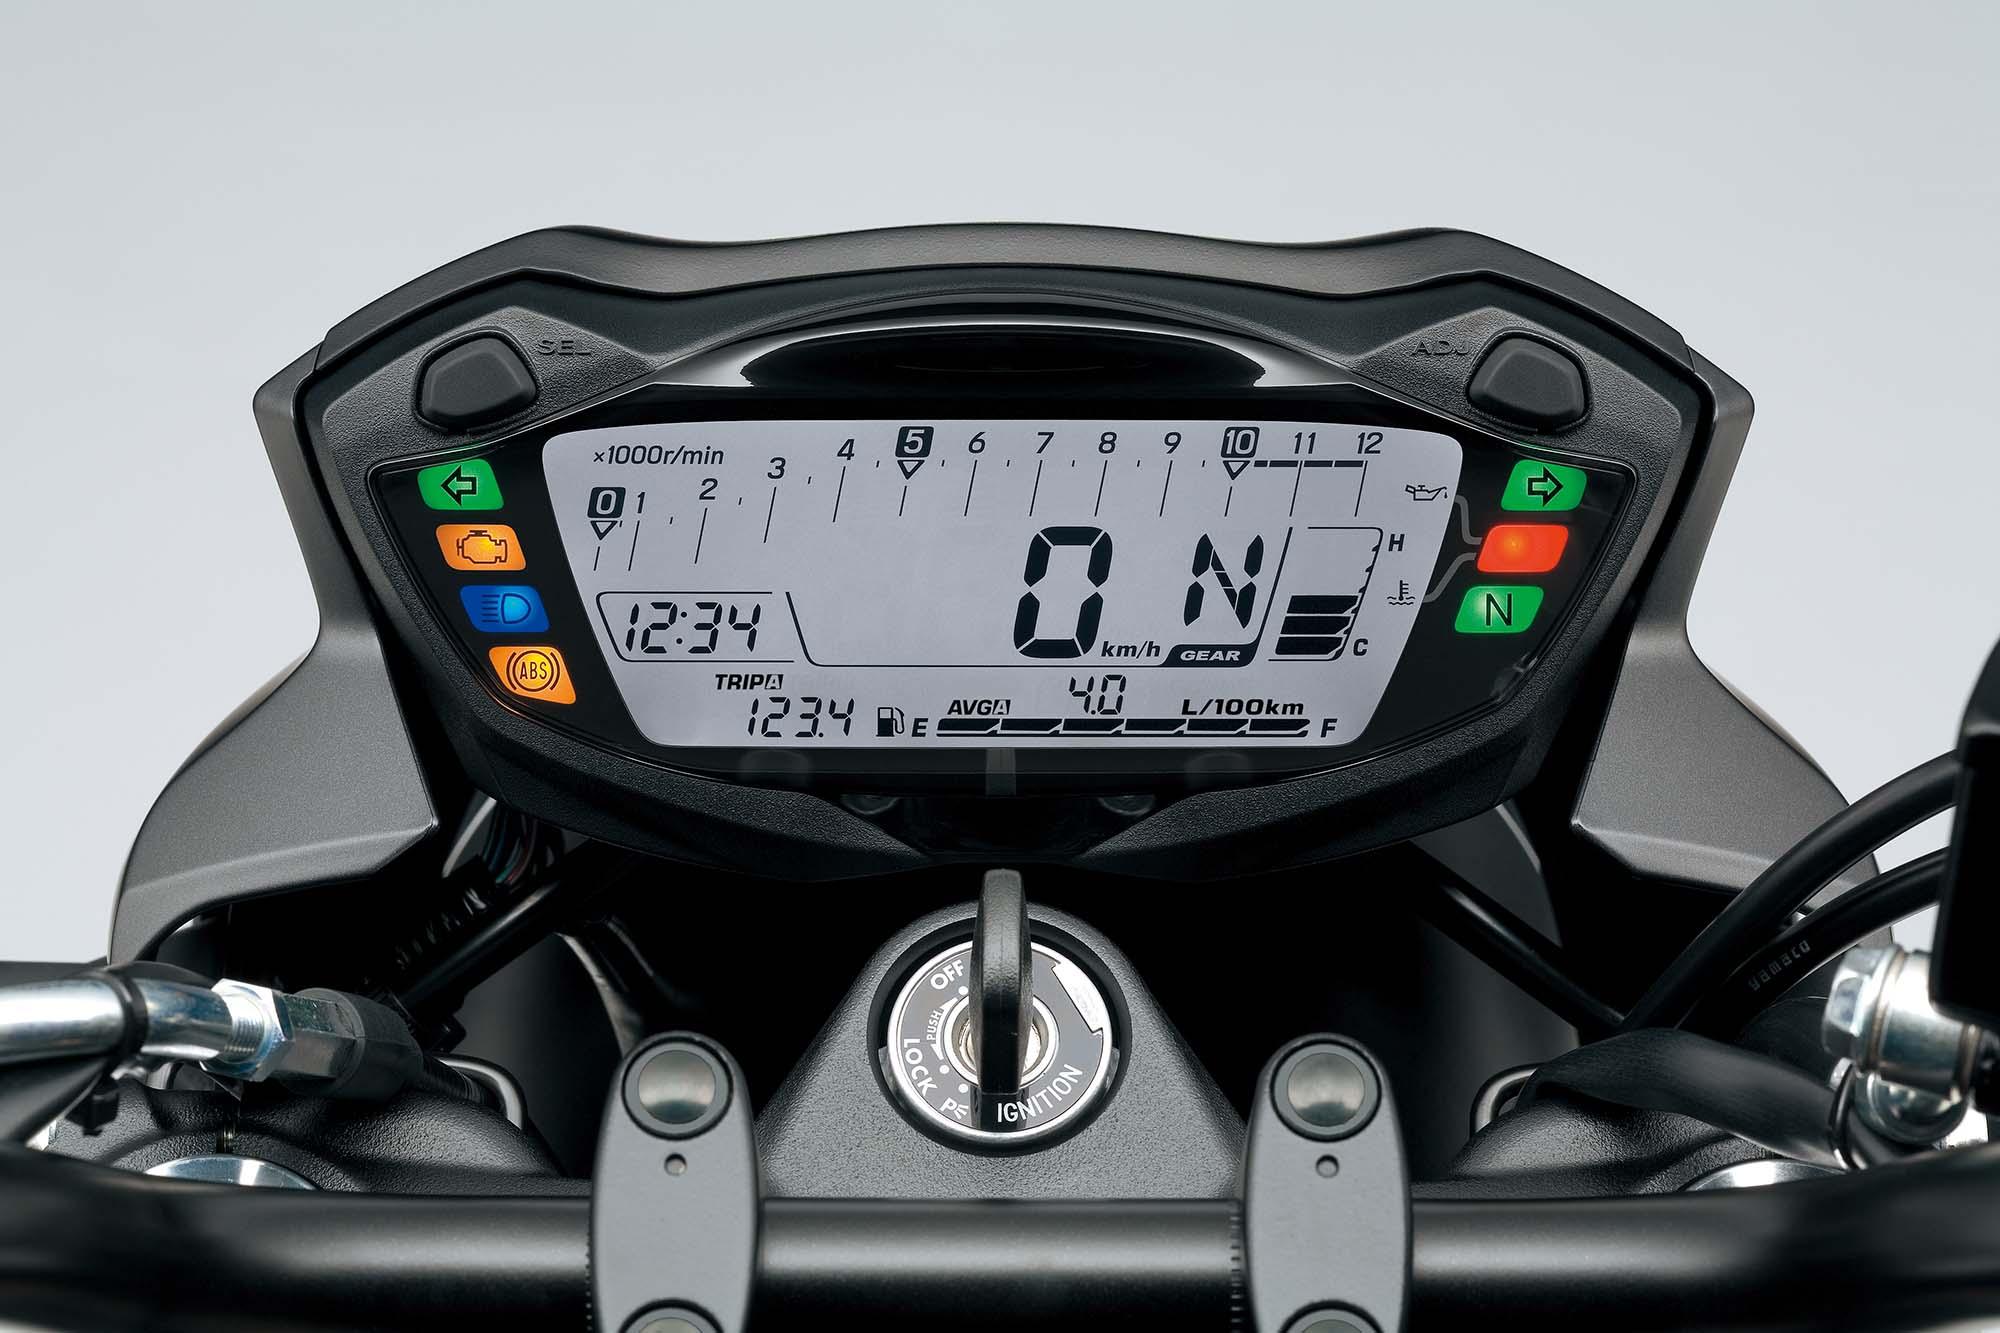 [Imagem: 2016-Suzuki-SV650-A-details-11.jpg]